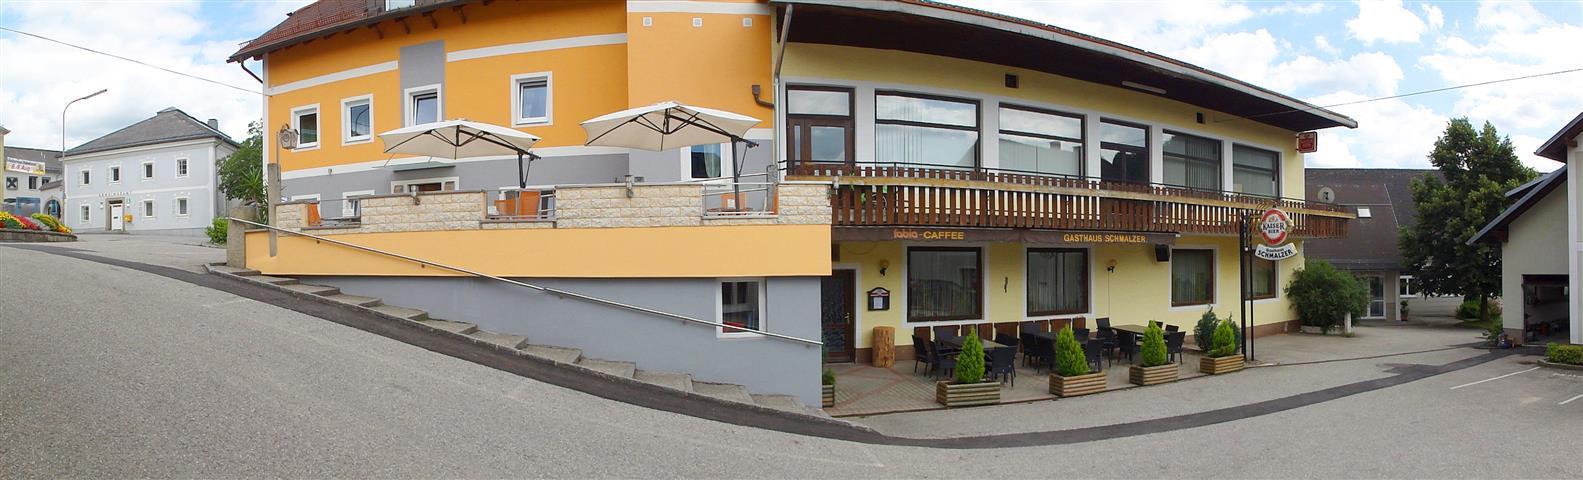 Aussenansicht Gasthaus Schmalzer